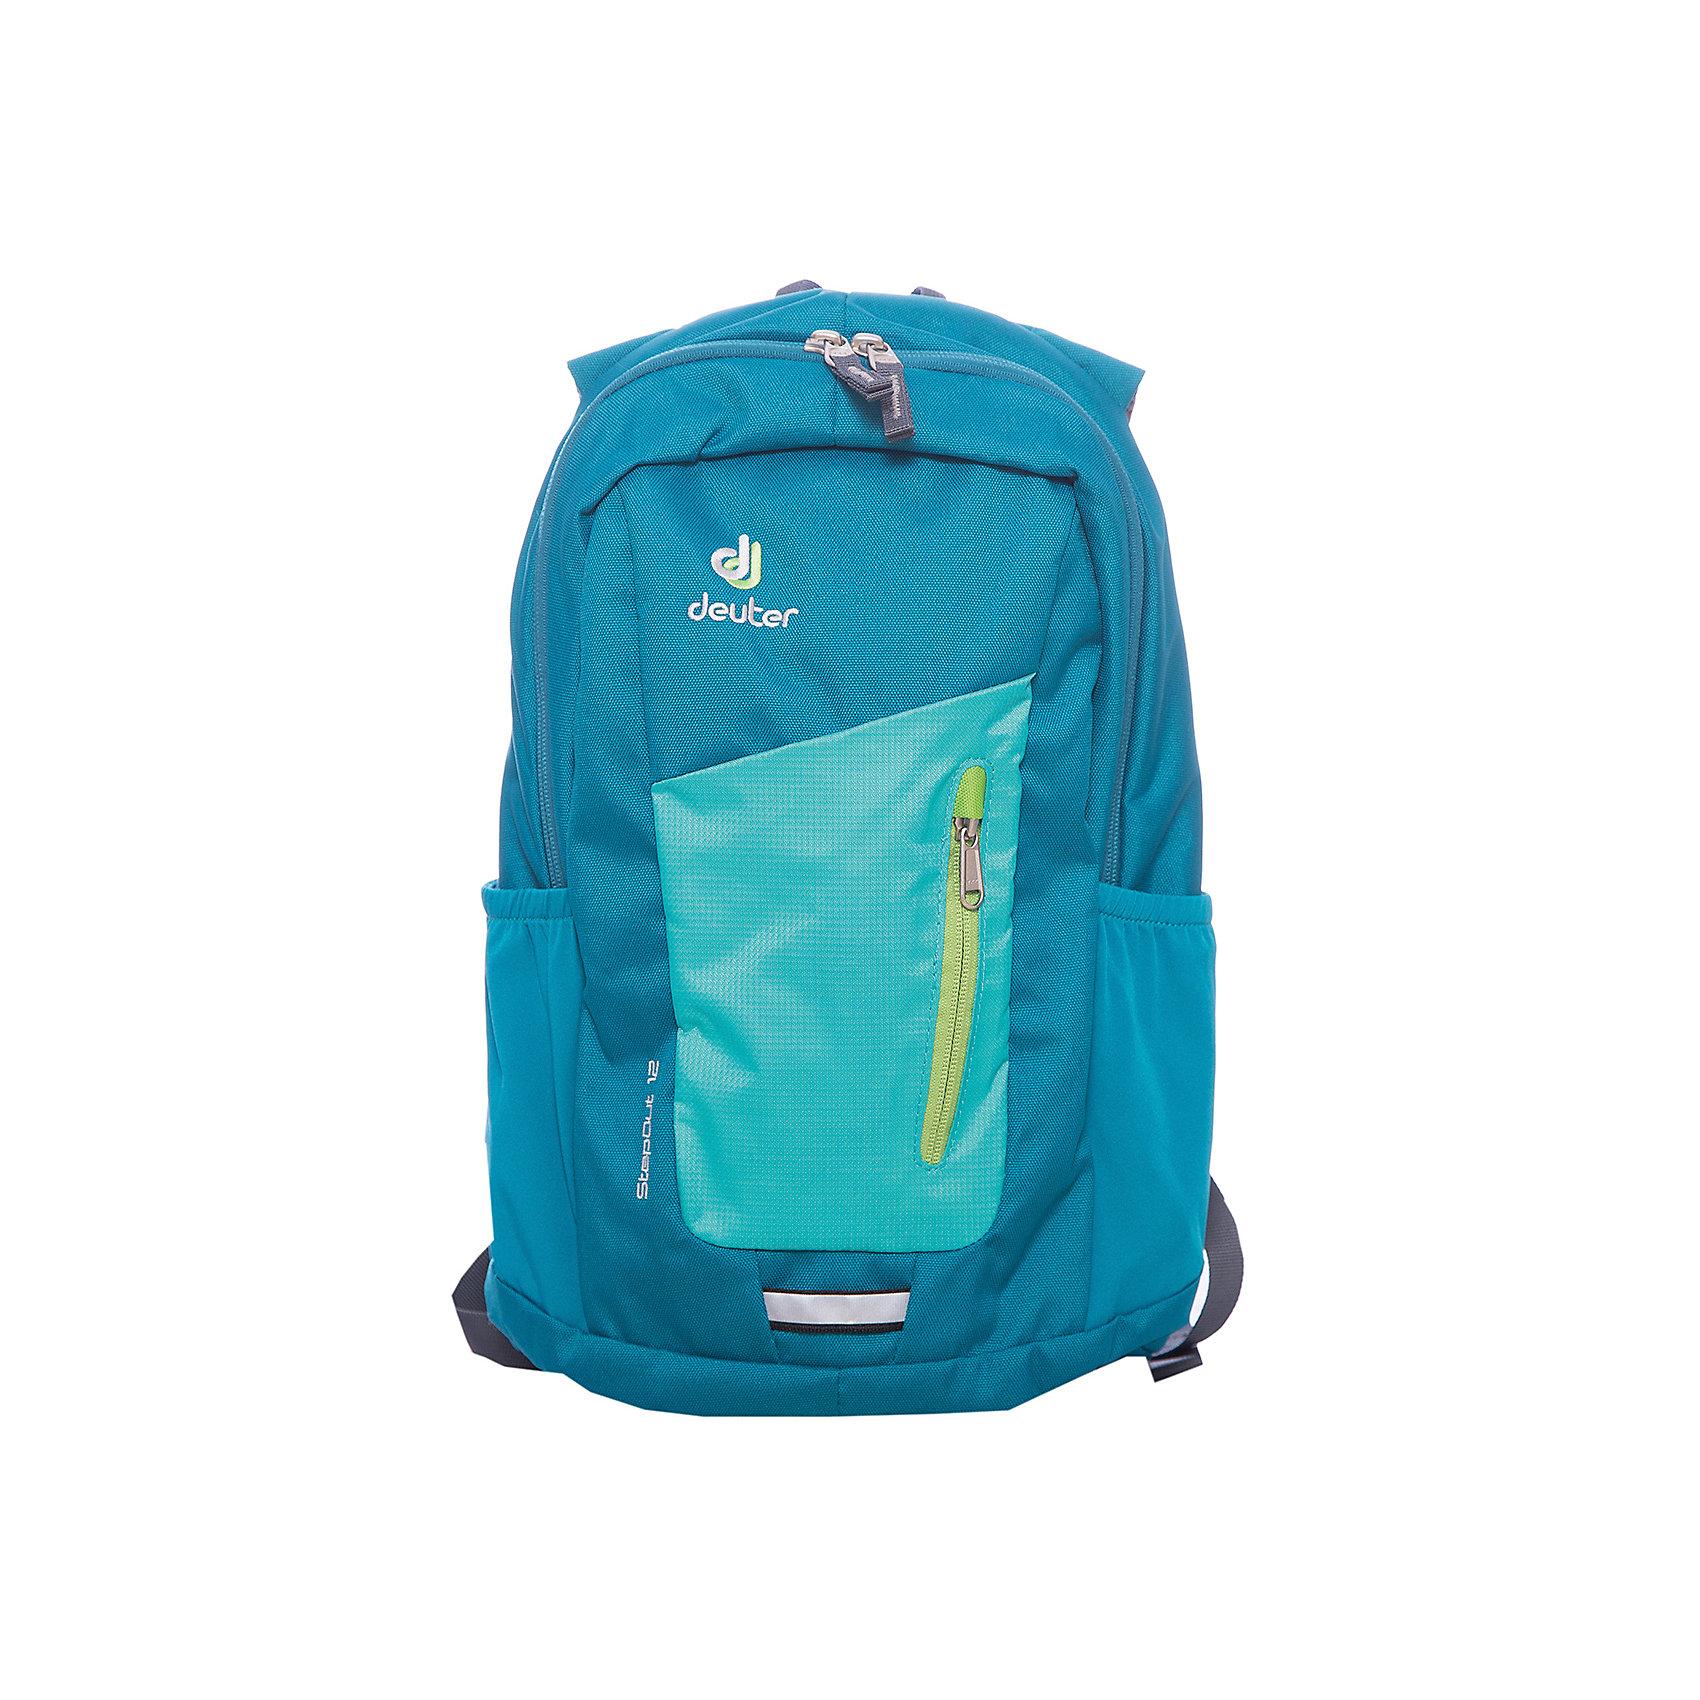 Deuter Рюкзак Stepout  12, сине-зеленыйДорожные сумки и чемоданы<br>Рюкзак Stepout  12, сине-зеленый, Deuter (Дойтер)<br><br>Характеристики:<br><br>• система вентиляции спины Airstripes<br>• лямки имеют анатомическую форму<br>• отделение для документов<br>• внешний карман на молнии с карабином для ключей<br>• боковые карманы на резинке<br>• петля для фонарика<br>• материал: Super-Polytex<br>• объем: 12 л<br>• размер: 21х24х14 см<br>• вес: 450 грамм<br>• цвет: сине-зеленый<br><br>Городской рюкзак Stepout очень функционален. Он оснащен одним большим отделением на молнии, внешним отделением на молнии и двумя боковыми карманами на резинке. Основное отделение имеет карман для документов, а внешнее - карабин для ключей. Плечевые ремни имеют анатомическую форму, обеспечивающую правильное распределение нагрузки на спину. Рюкзак также оснащен системой Airstripes. Она впитывает лишнюю влагу и пропускает воздух. Этот рюкзак - прекрасный выбор для ценителей качества и удобства!<br><br>Рюкзак Stepout  12, сине-зеленый, Deuter (Дойтер) можно купить в нашем интернет-магазине.<br><br>Ширина мм: 140<br>Глубина мм: 240<br>Высота мм: 210<br>Вес г: 450<br>Возраст от месяцев: 60<br>Возраст до месяцев: 144<br>Пол: Мужской<br>Возраст: Детский<br>SKU: 4782531